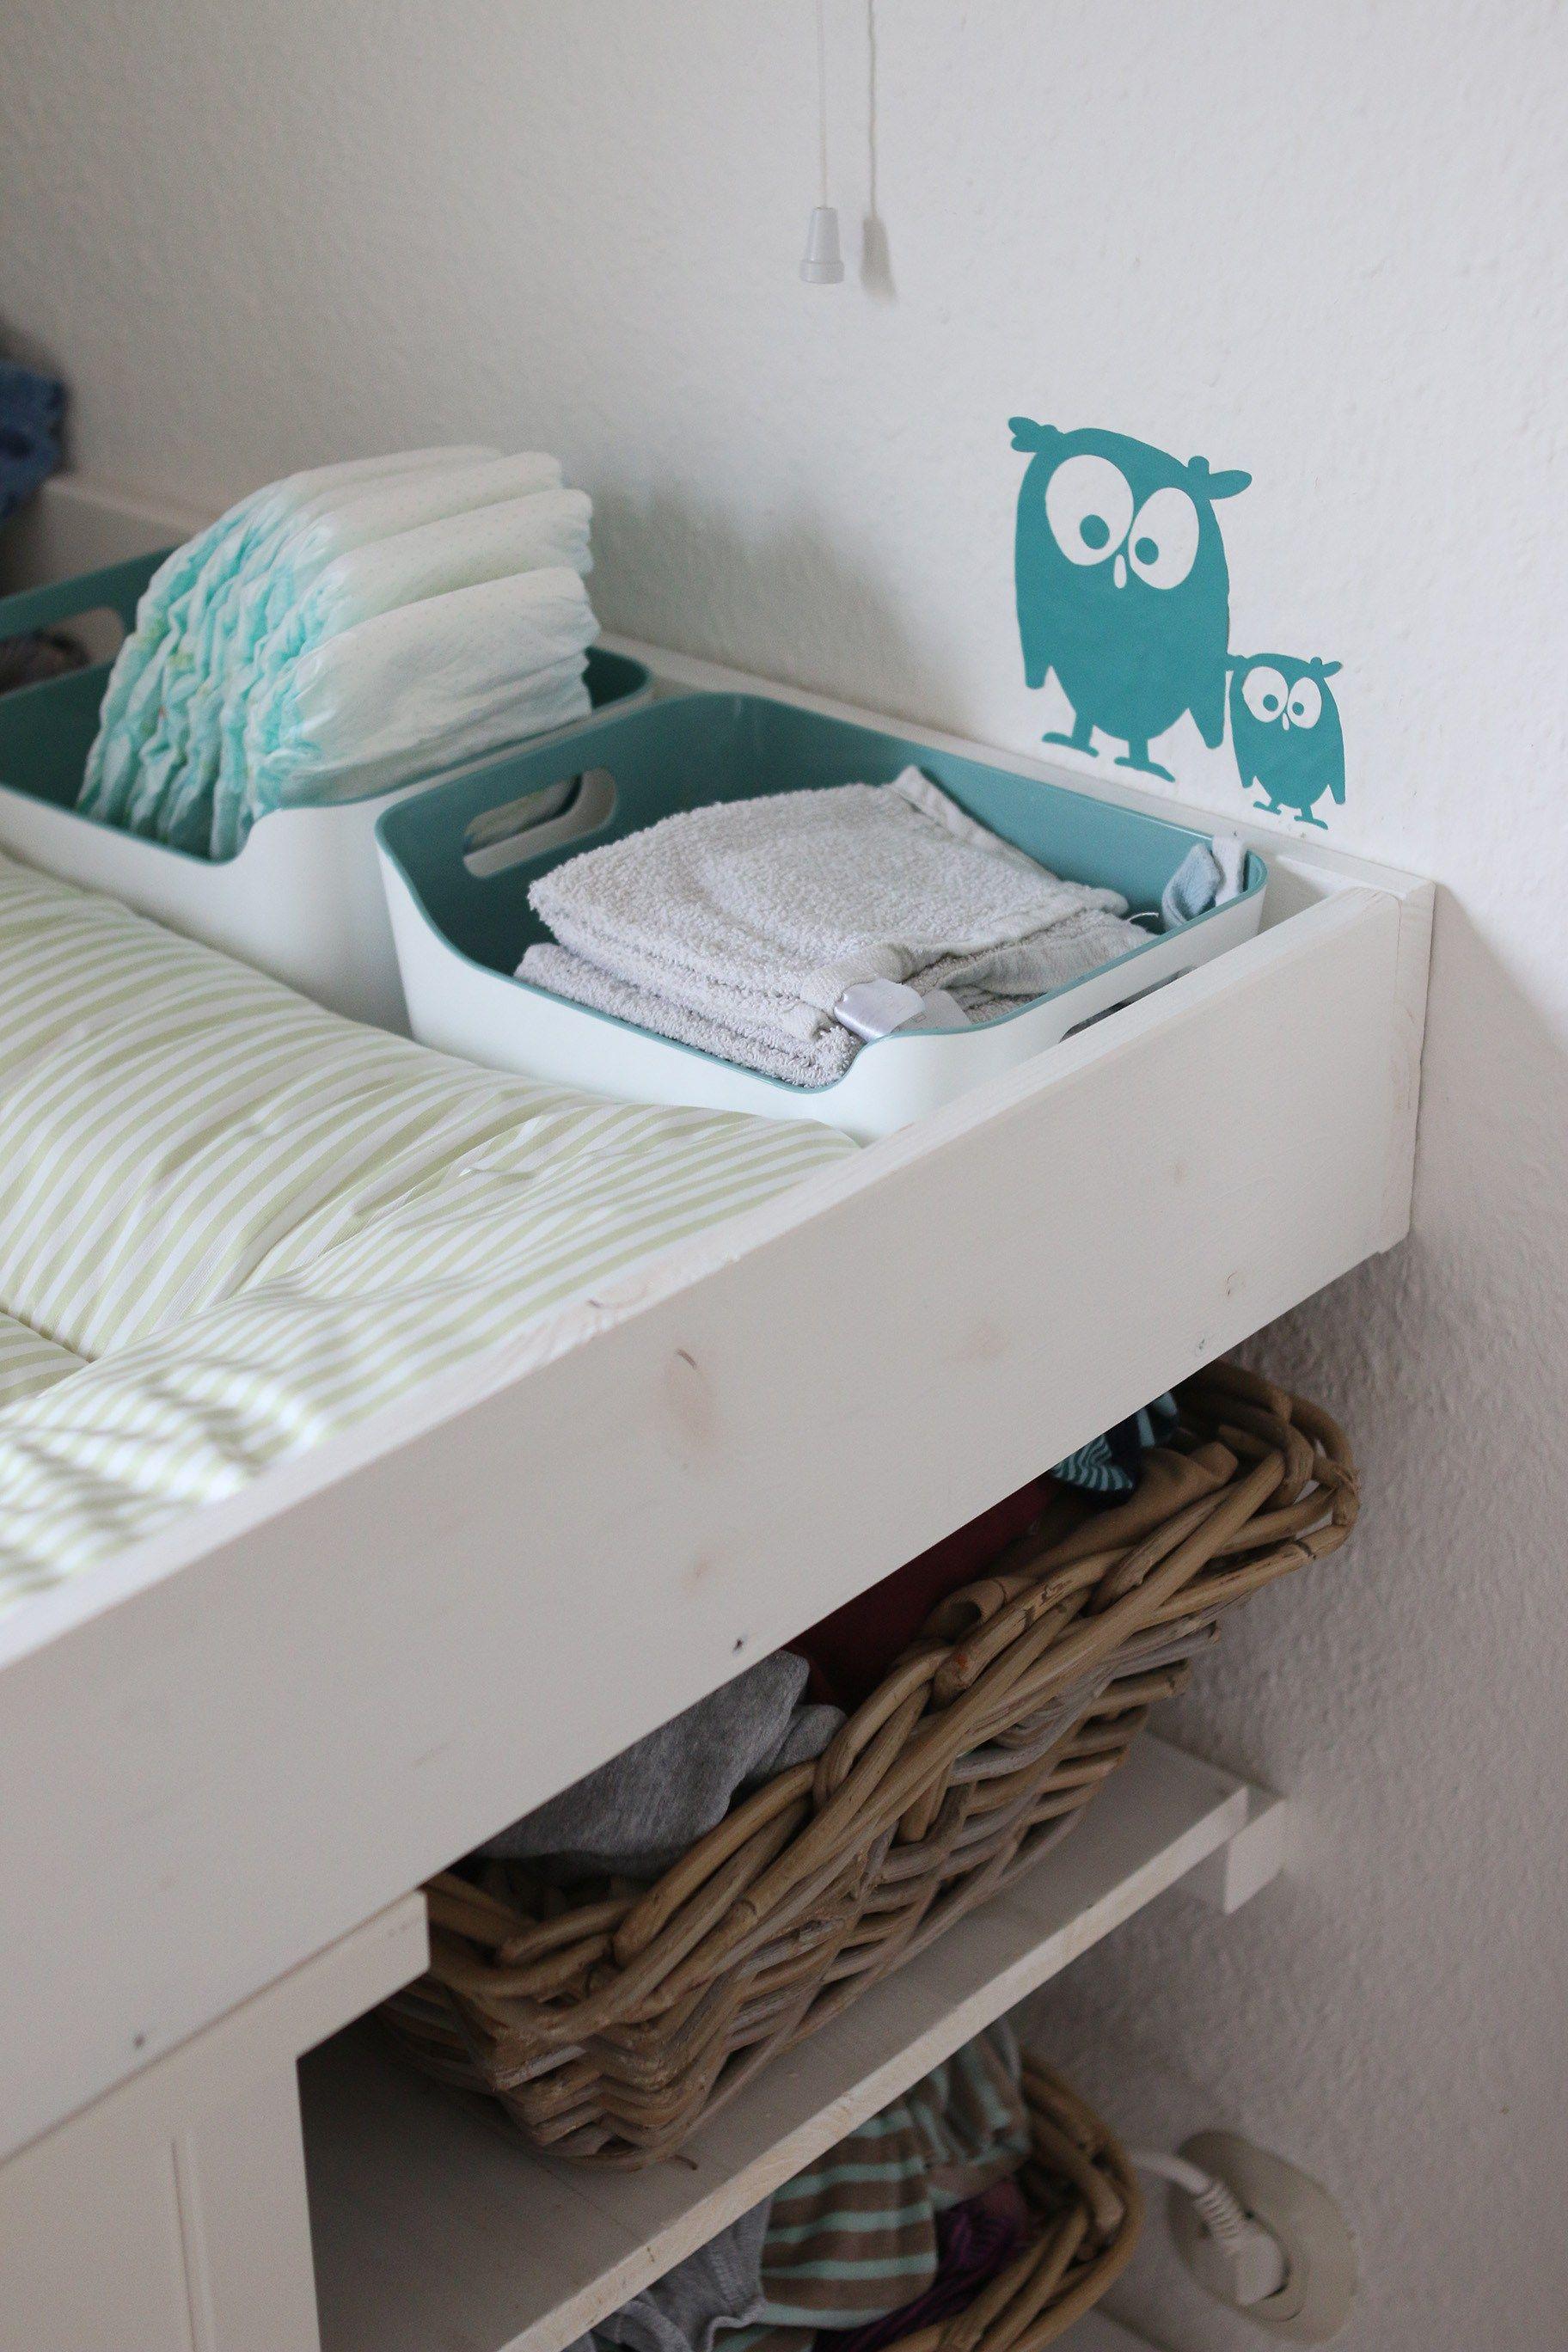 Duschgedanken wer braucht schon ein kinderzimmer baby for Wer braucht gebrauchte mobel